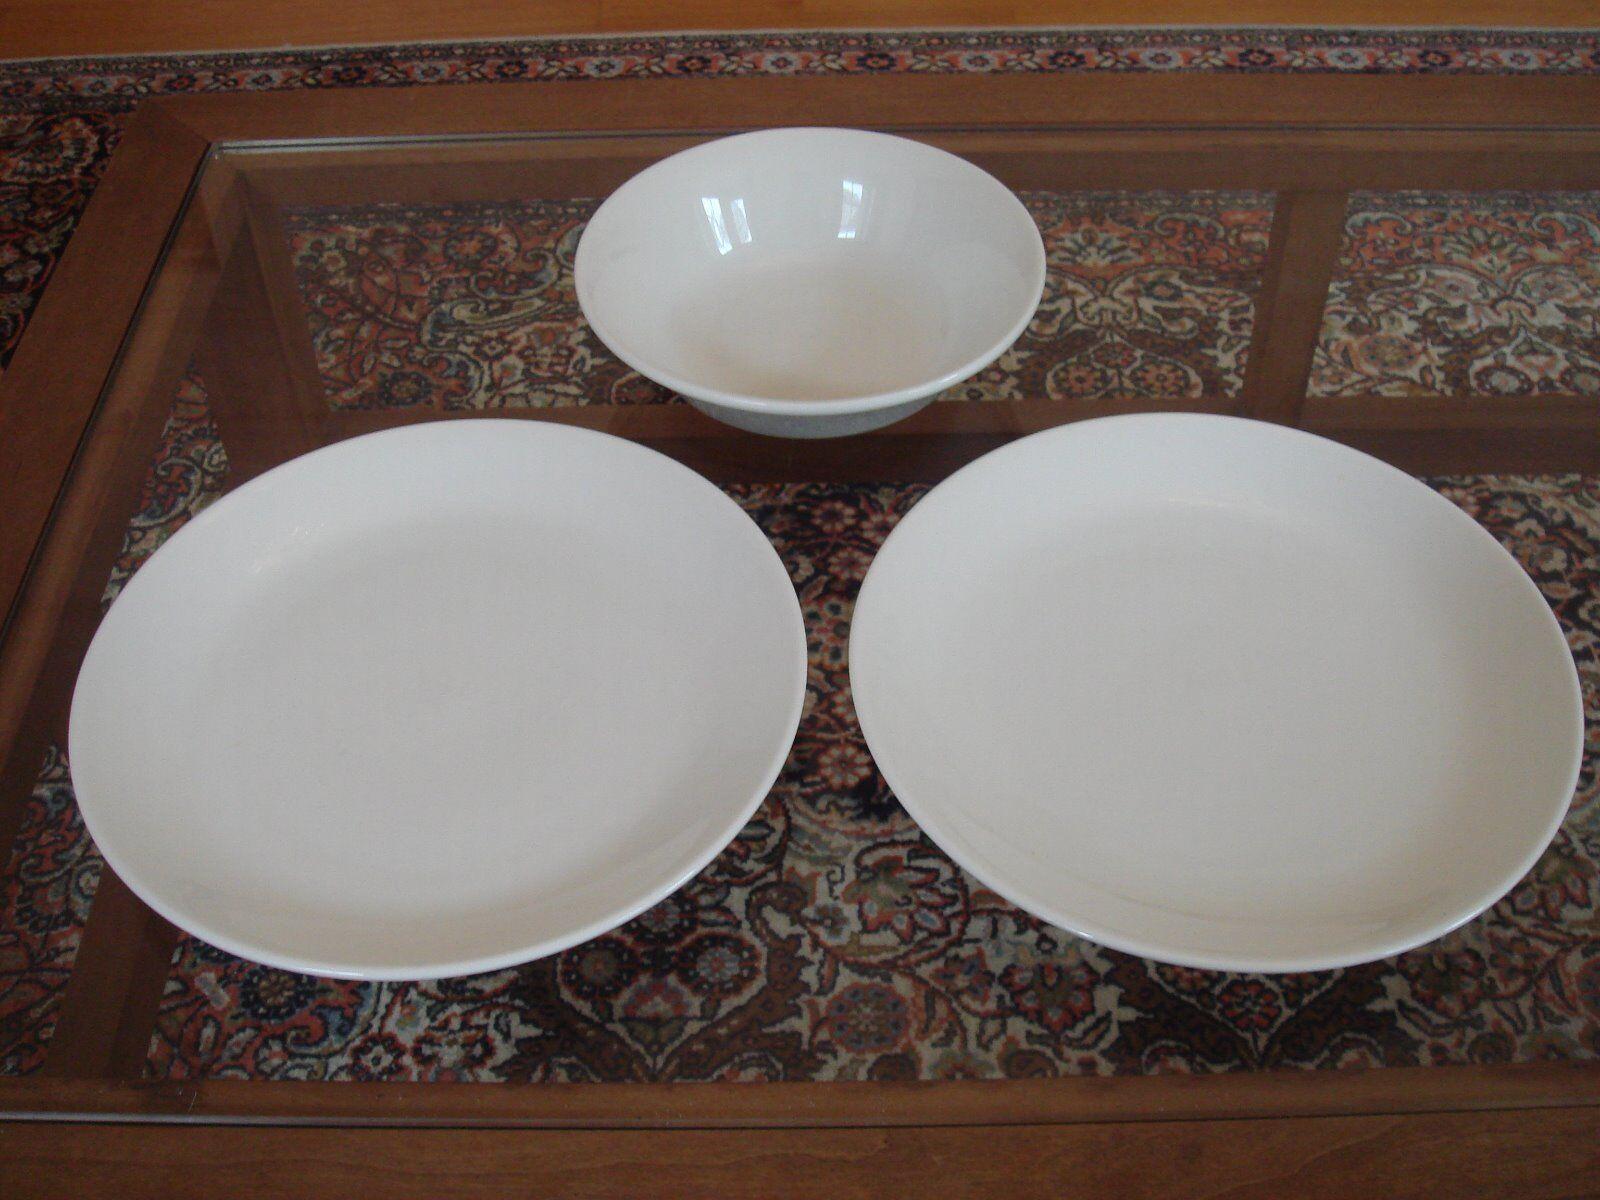 Royal Phonex Japan White Plates Bowl Minimalist Japanese Design Microwave Safe